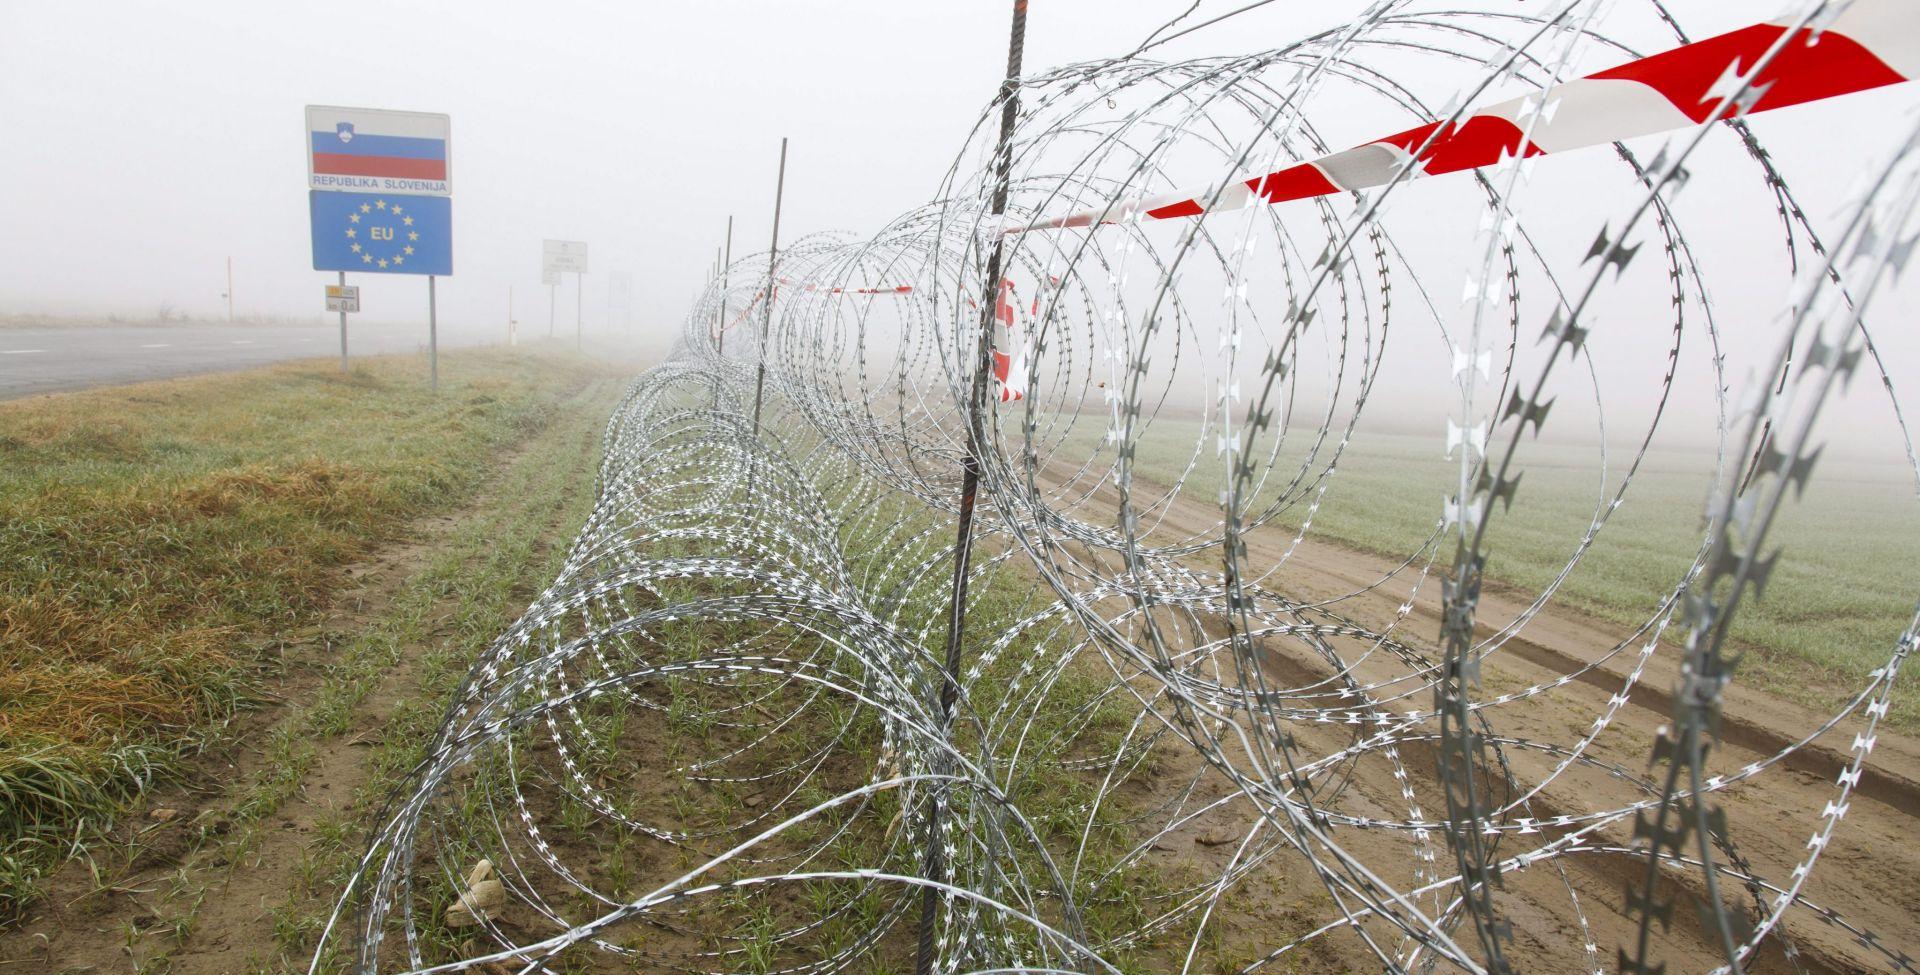 Kroz Sloveniju prošlo više od 320 tisuća izbjeglica, prihvatni centri skoro prazni